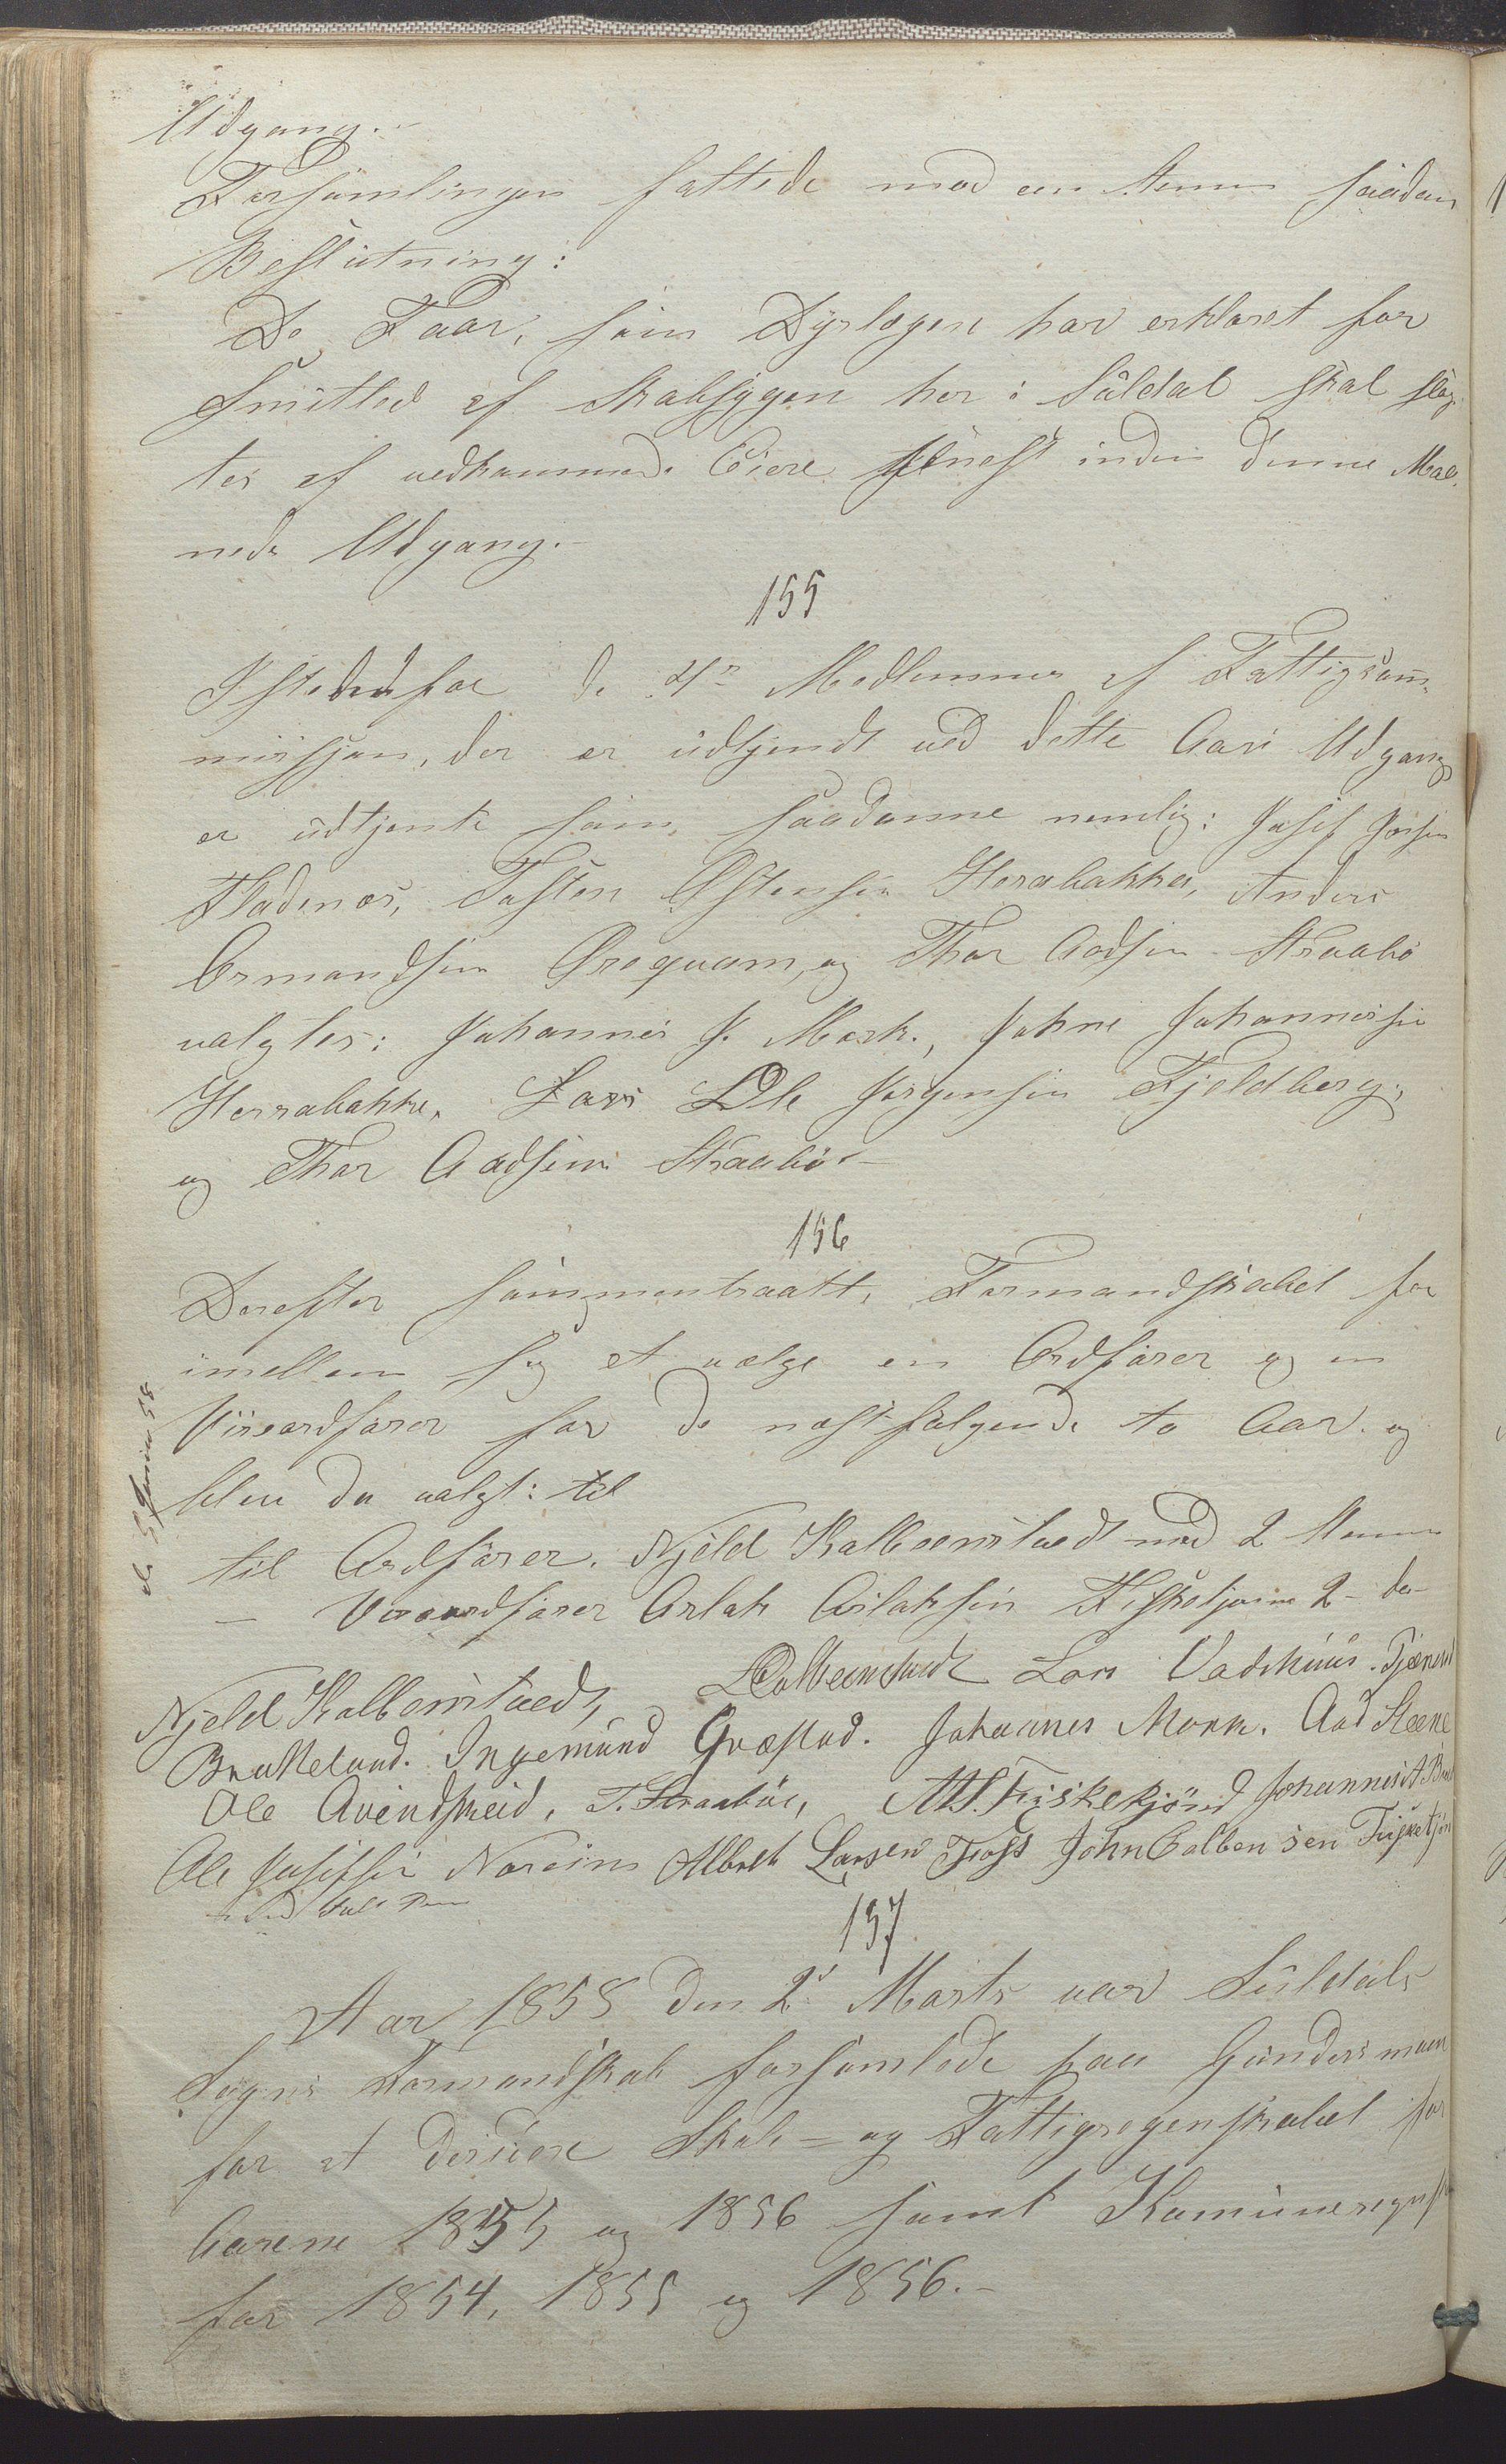 IKAR, Suldal kommune - Formannskapet/Rådmannen, A/Aa/L0001: Møtebok, 1837-1876, s. 126b